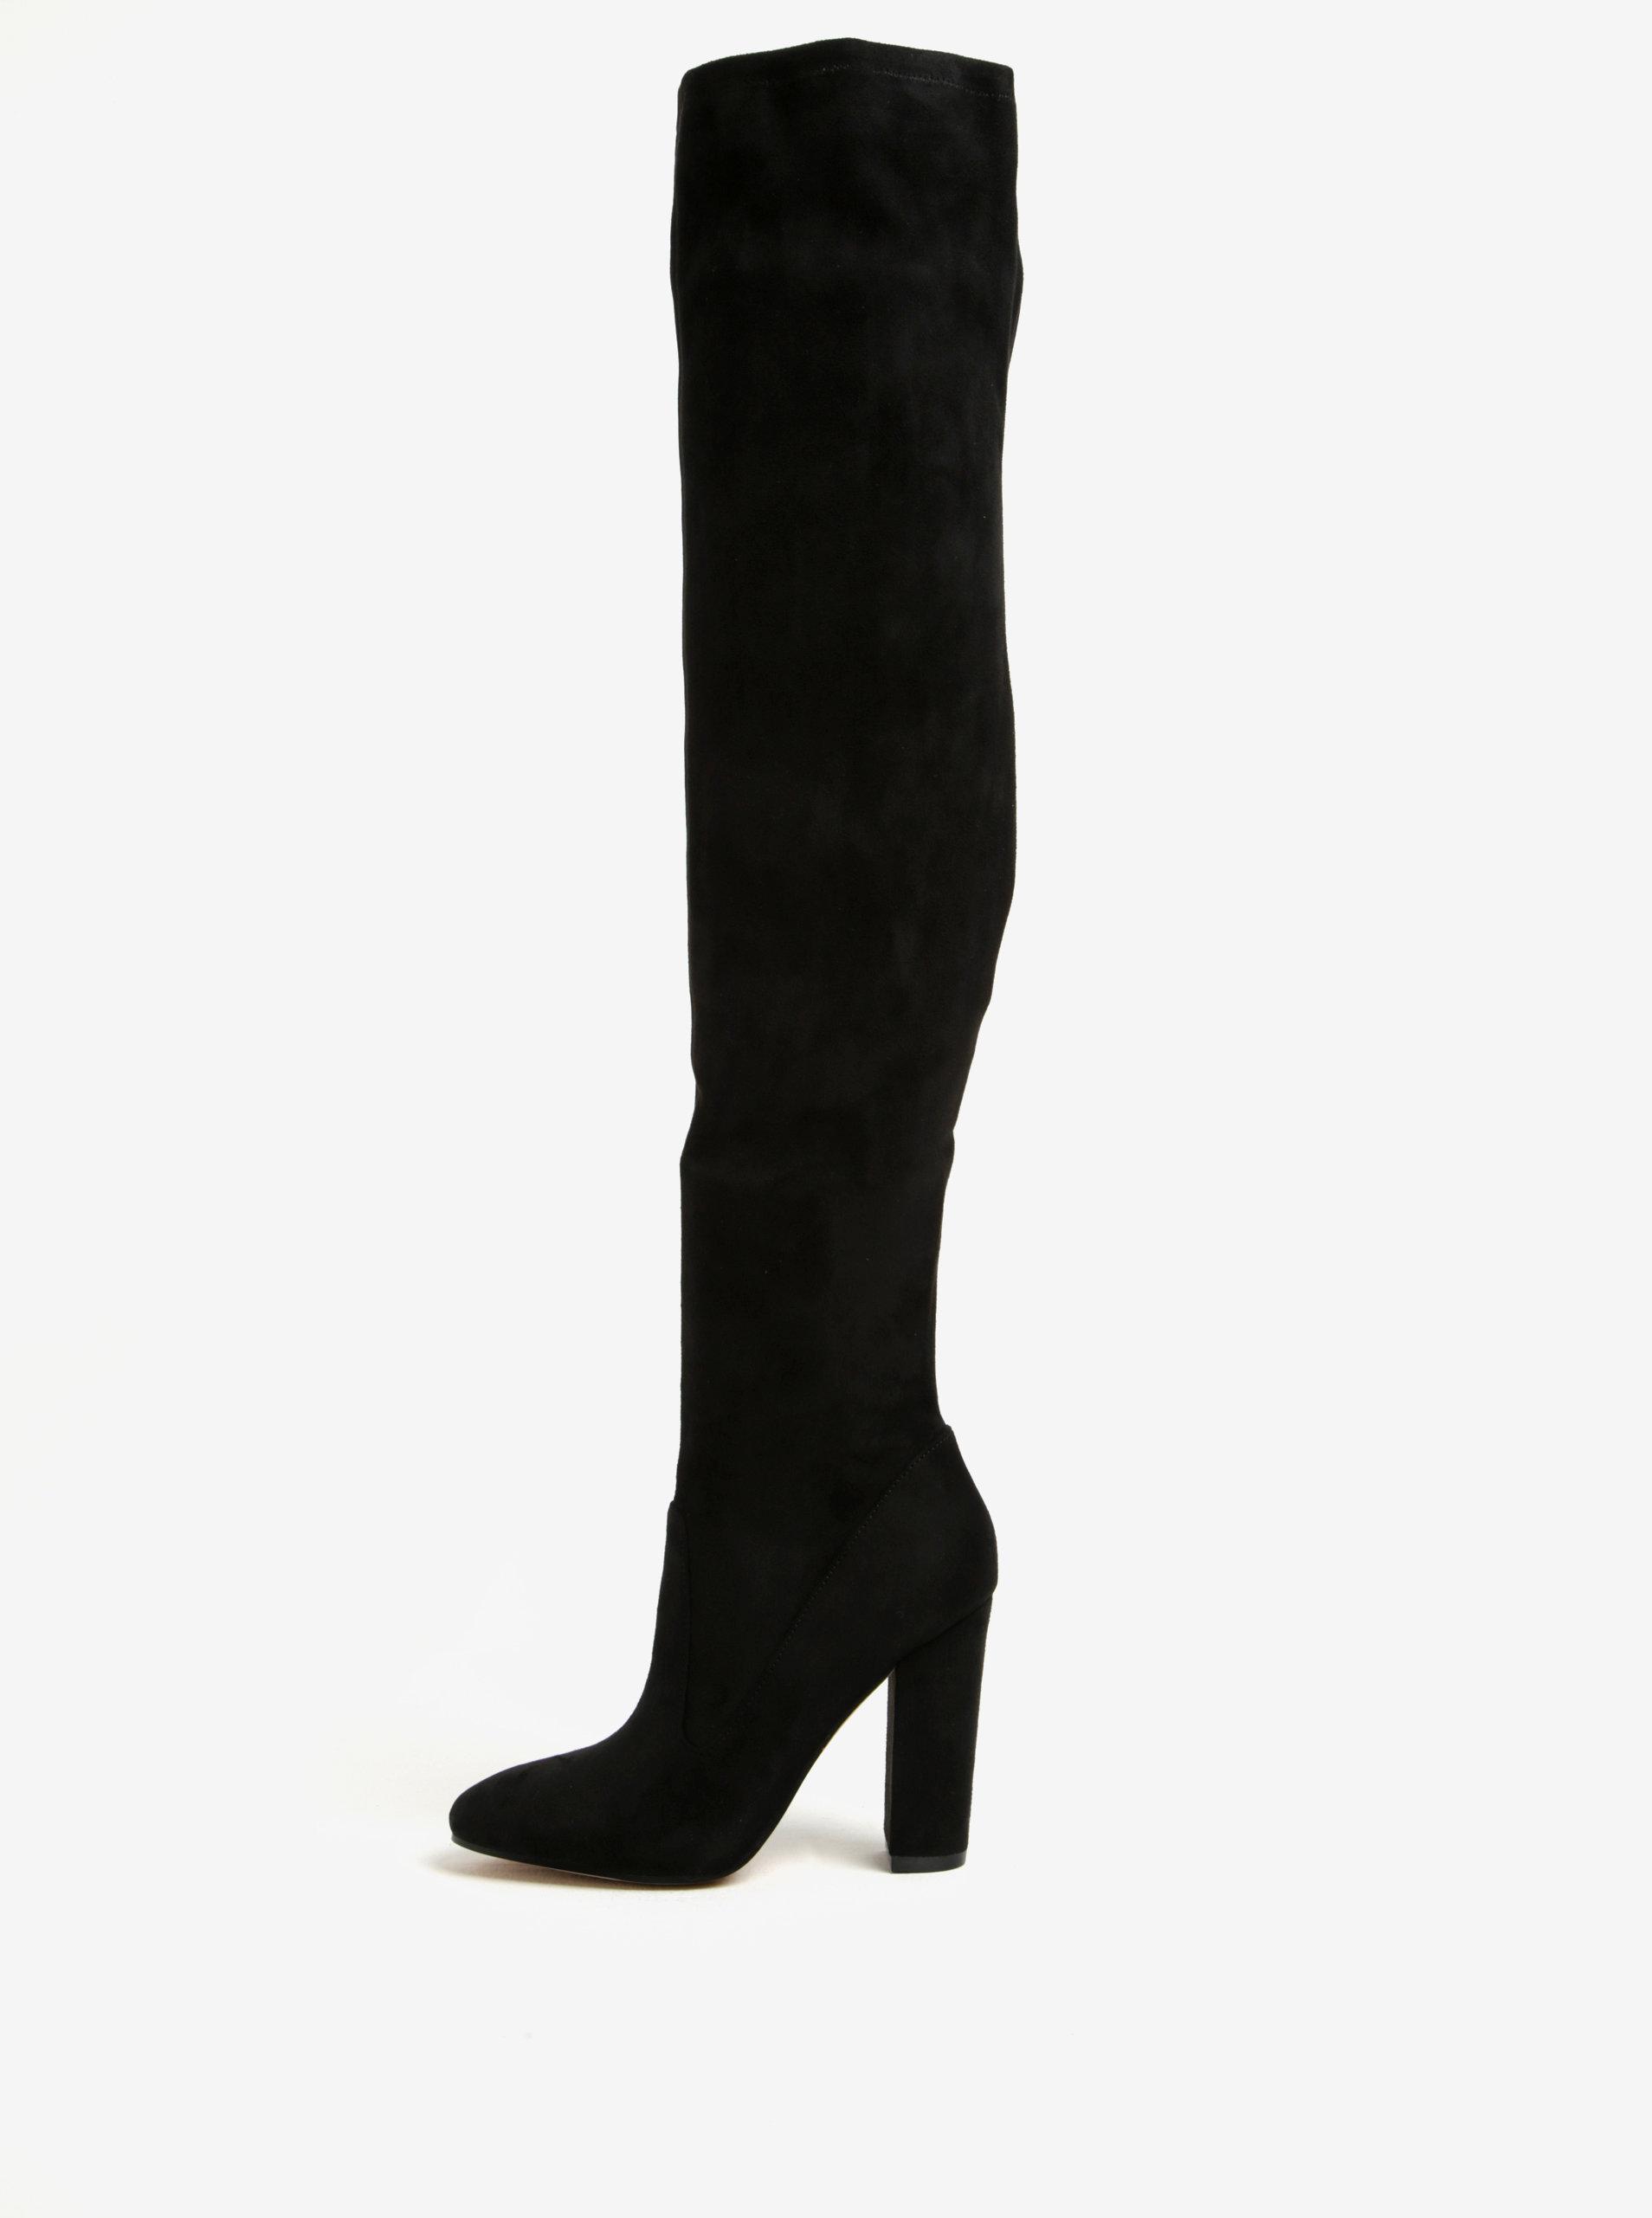 7fa946adb02e1 Čierne vysoké čižmy na podpätku ALDO Sumers | ZOOT.sk